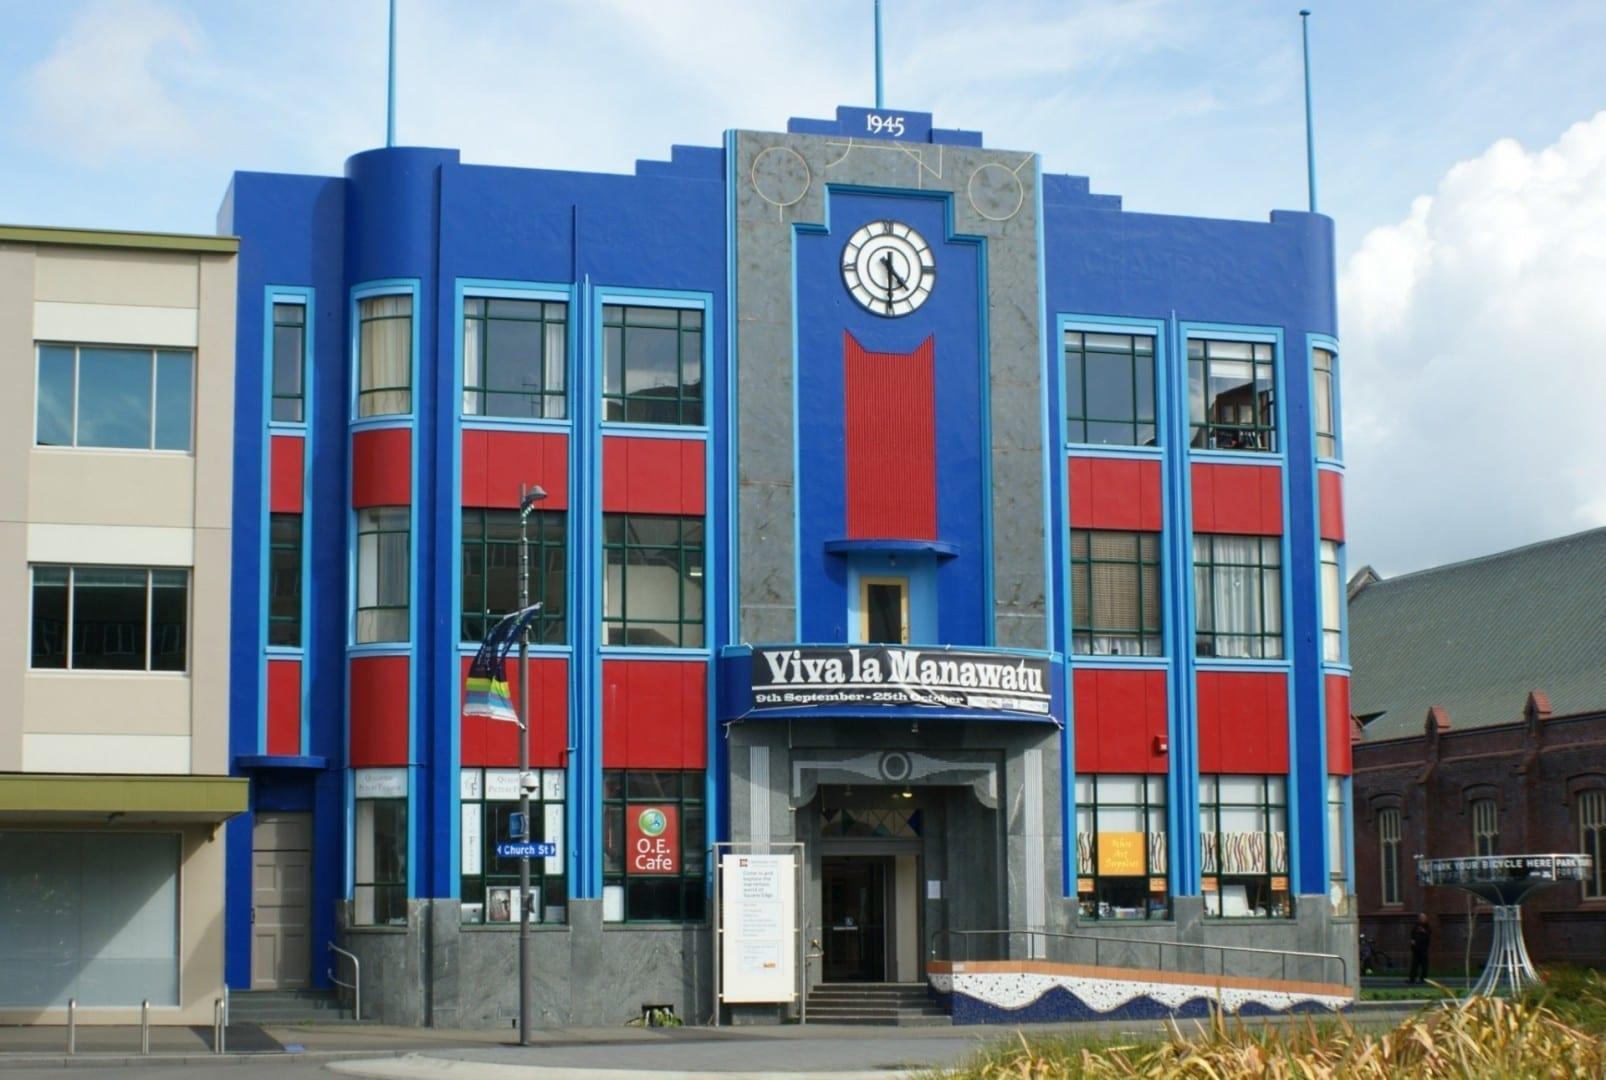 El edificio Art Deco de la plaza Palmerston north Nueva Zelanda